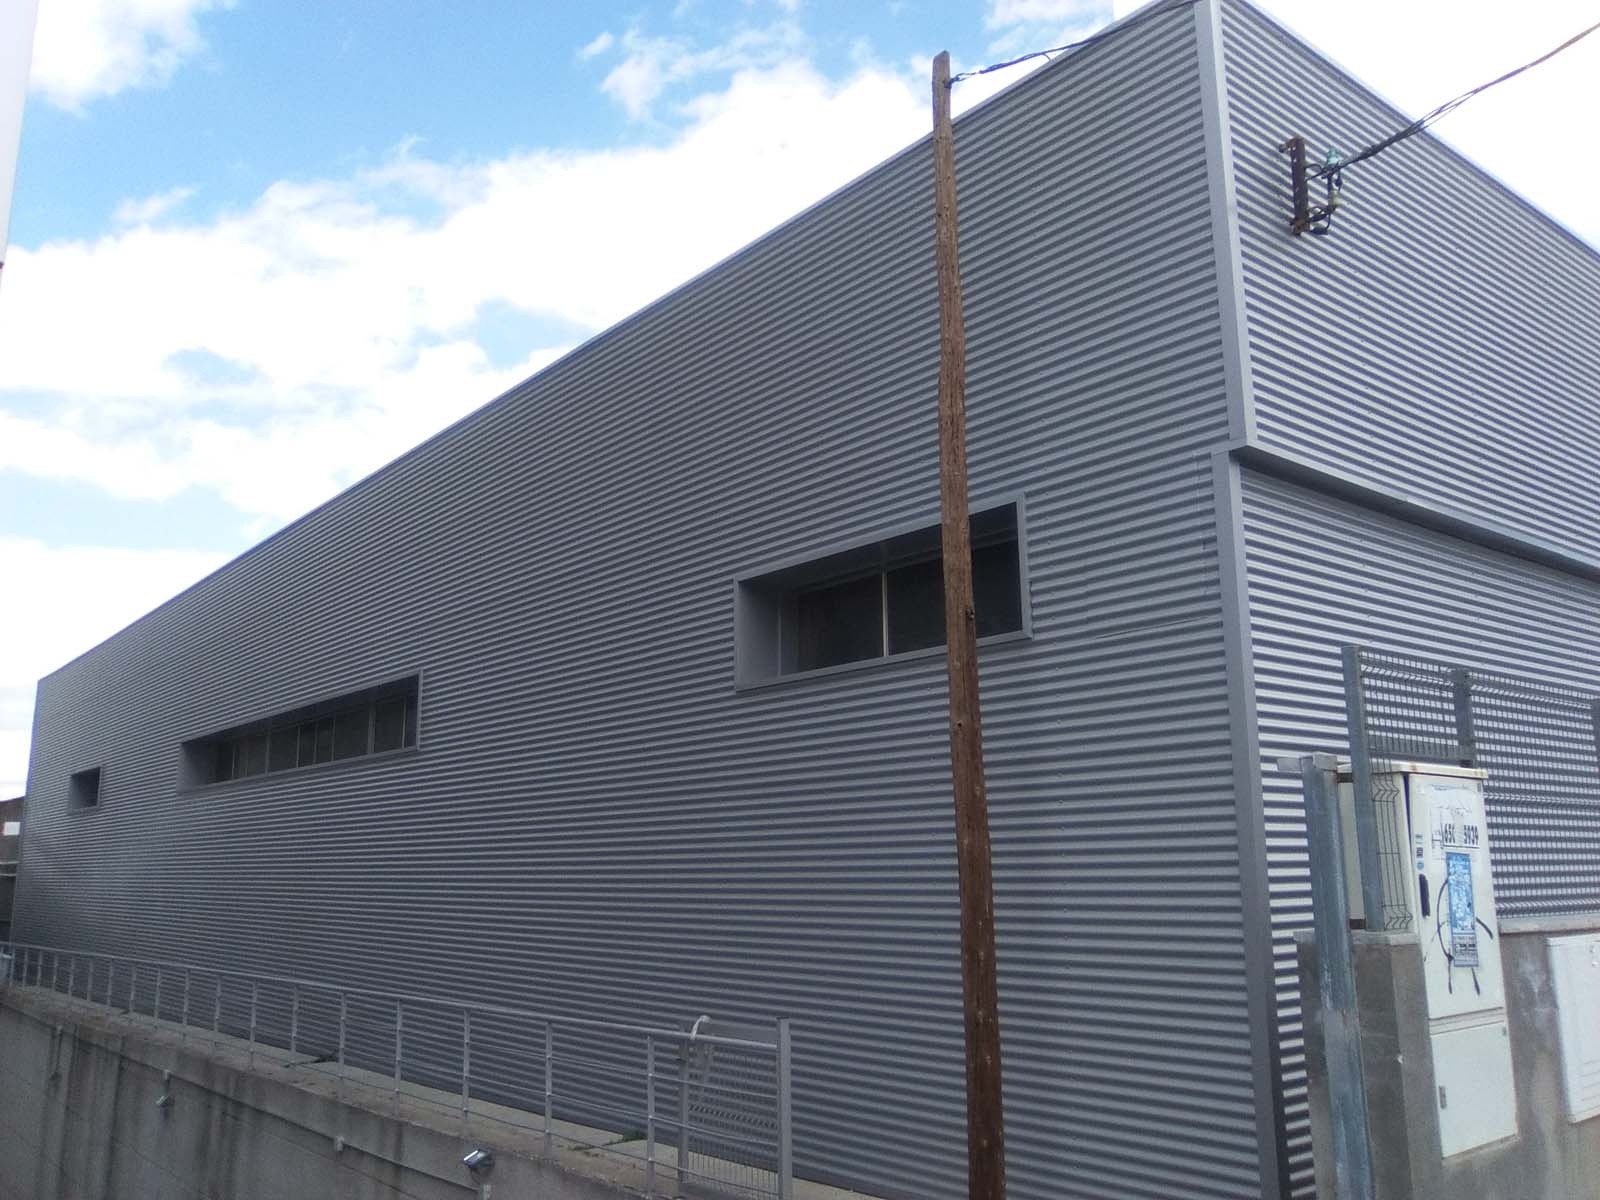 Nave industrial en coslada madrid revestimiento de - Laminas de poliuretano para paredes ...